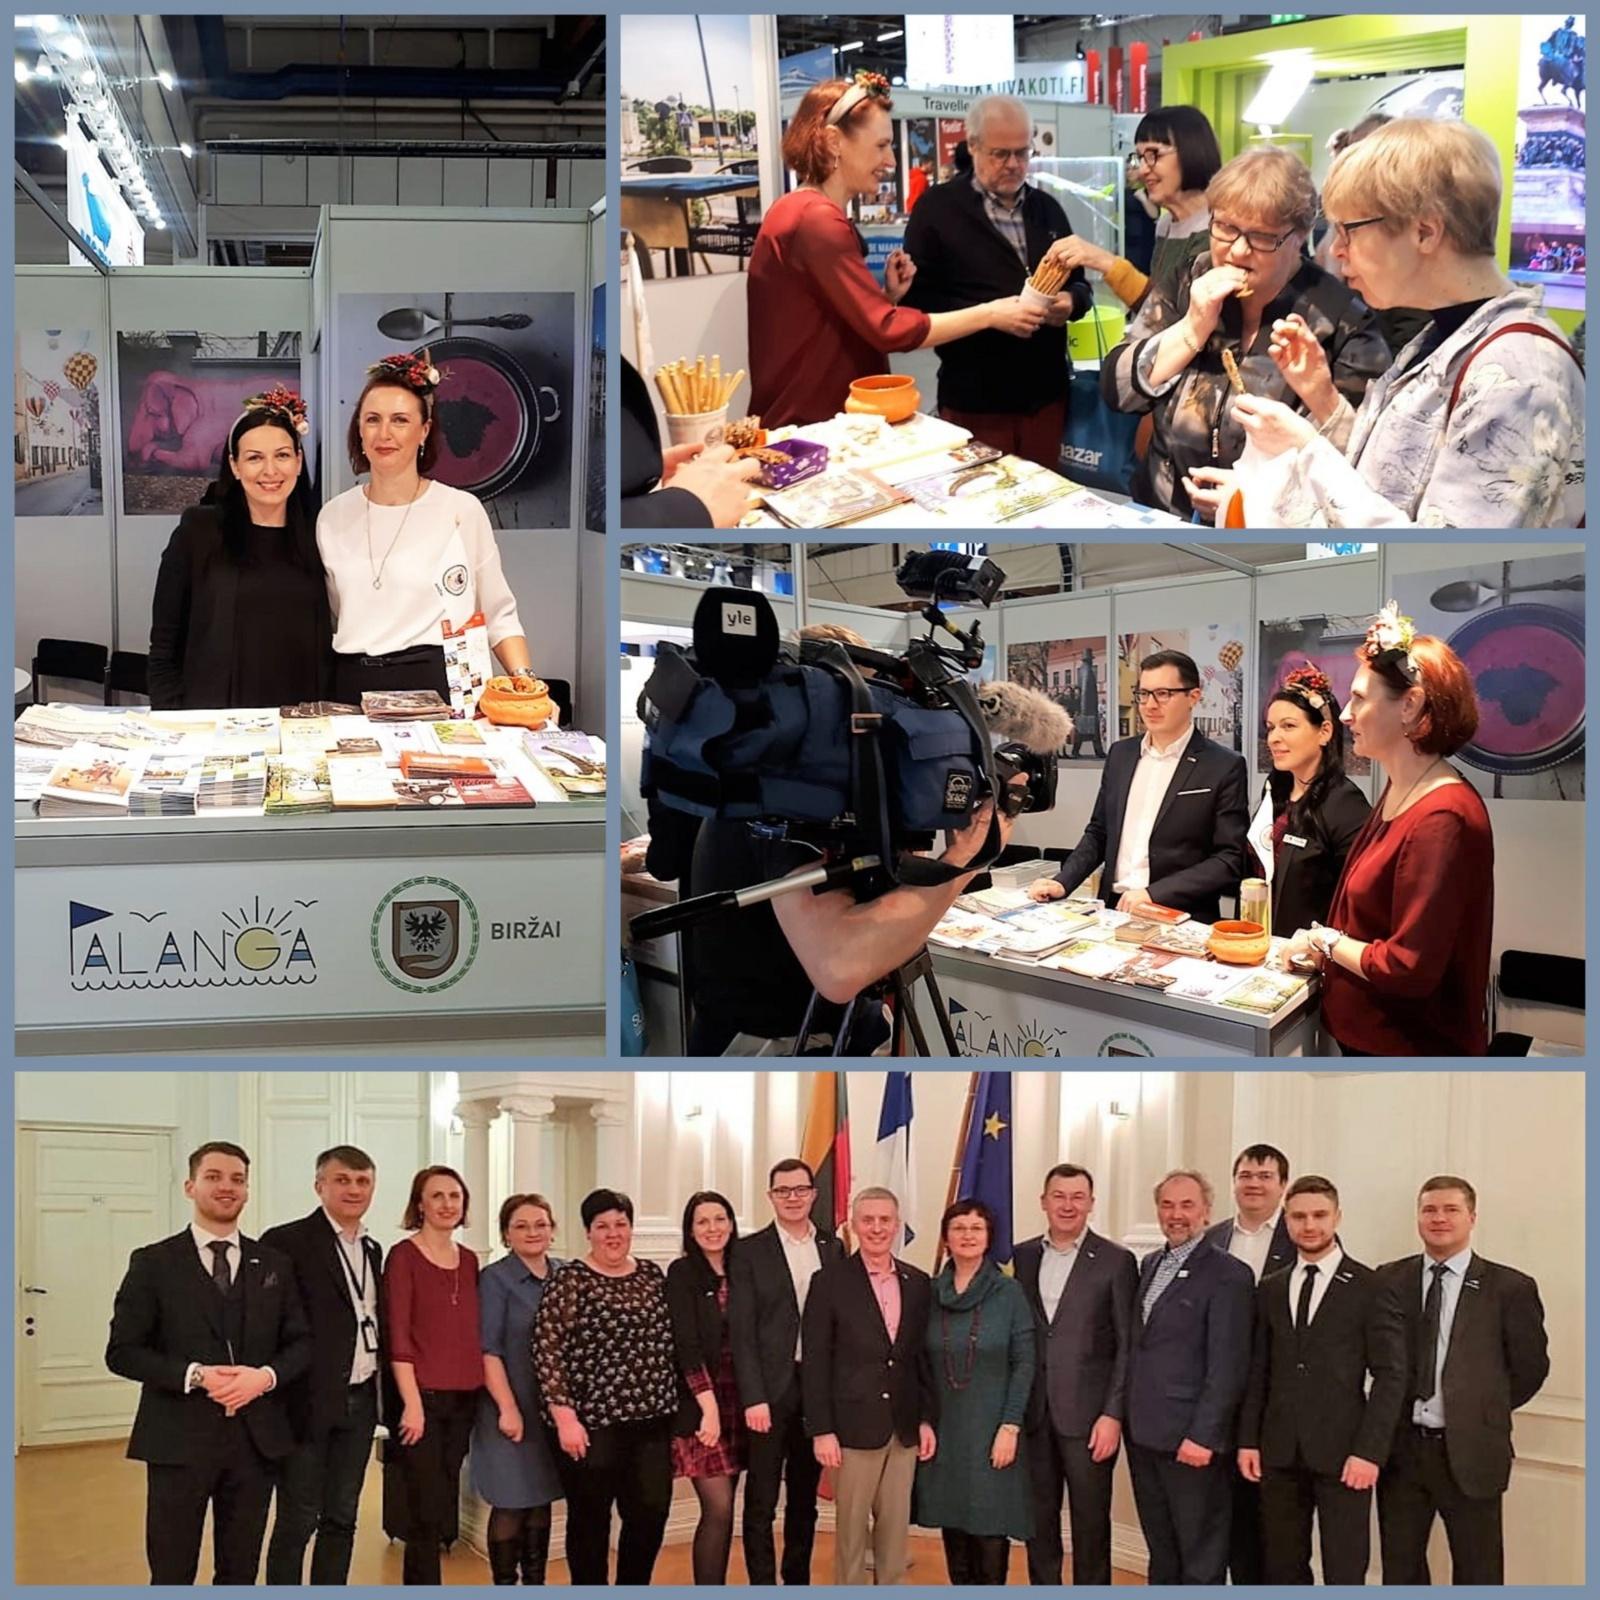 Biržiečiai sėkmingai dalyvauja tarptautinėse turizmo parodose